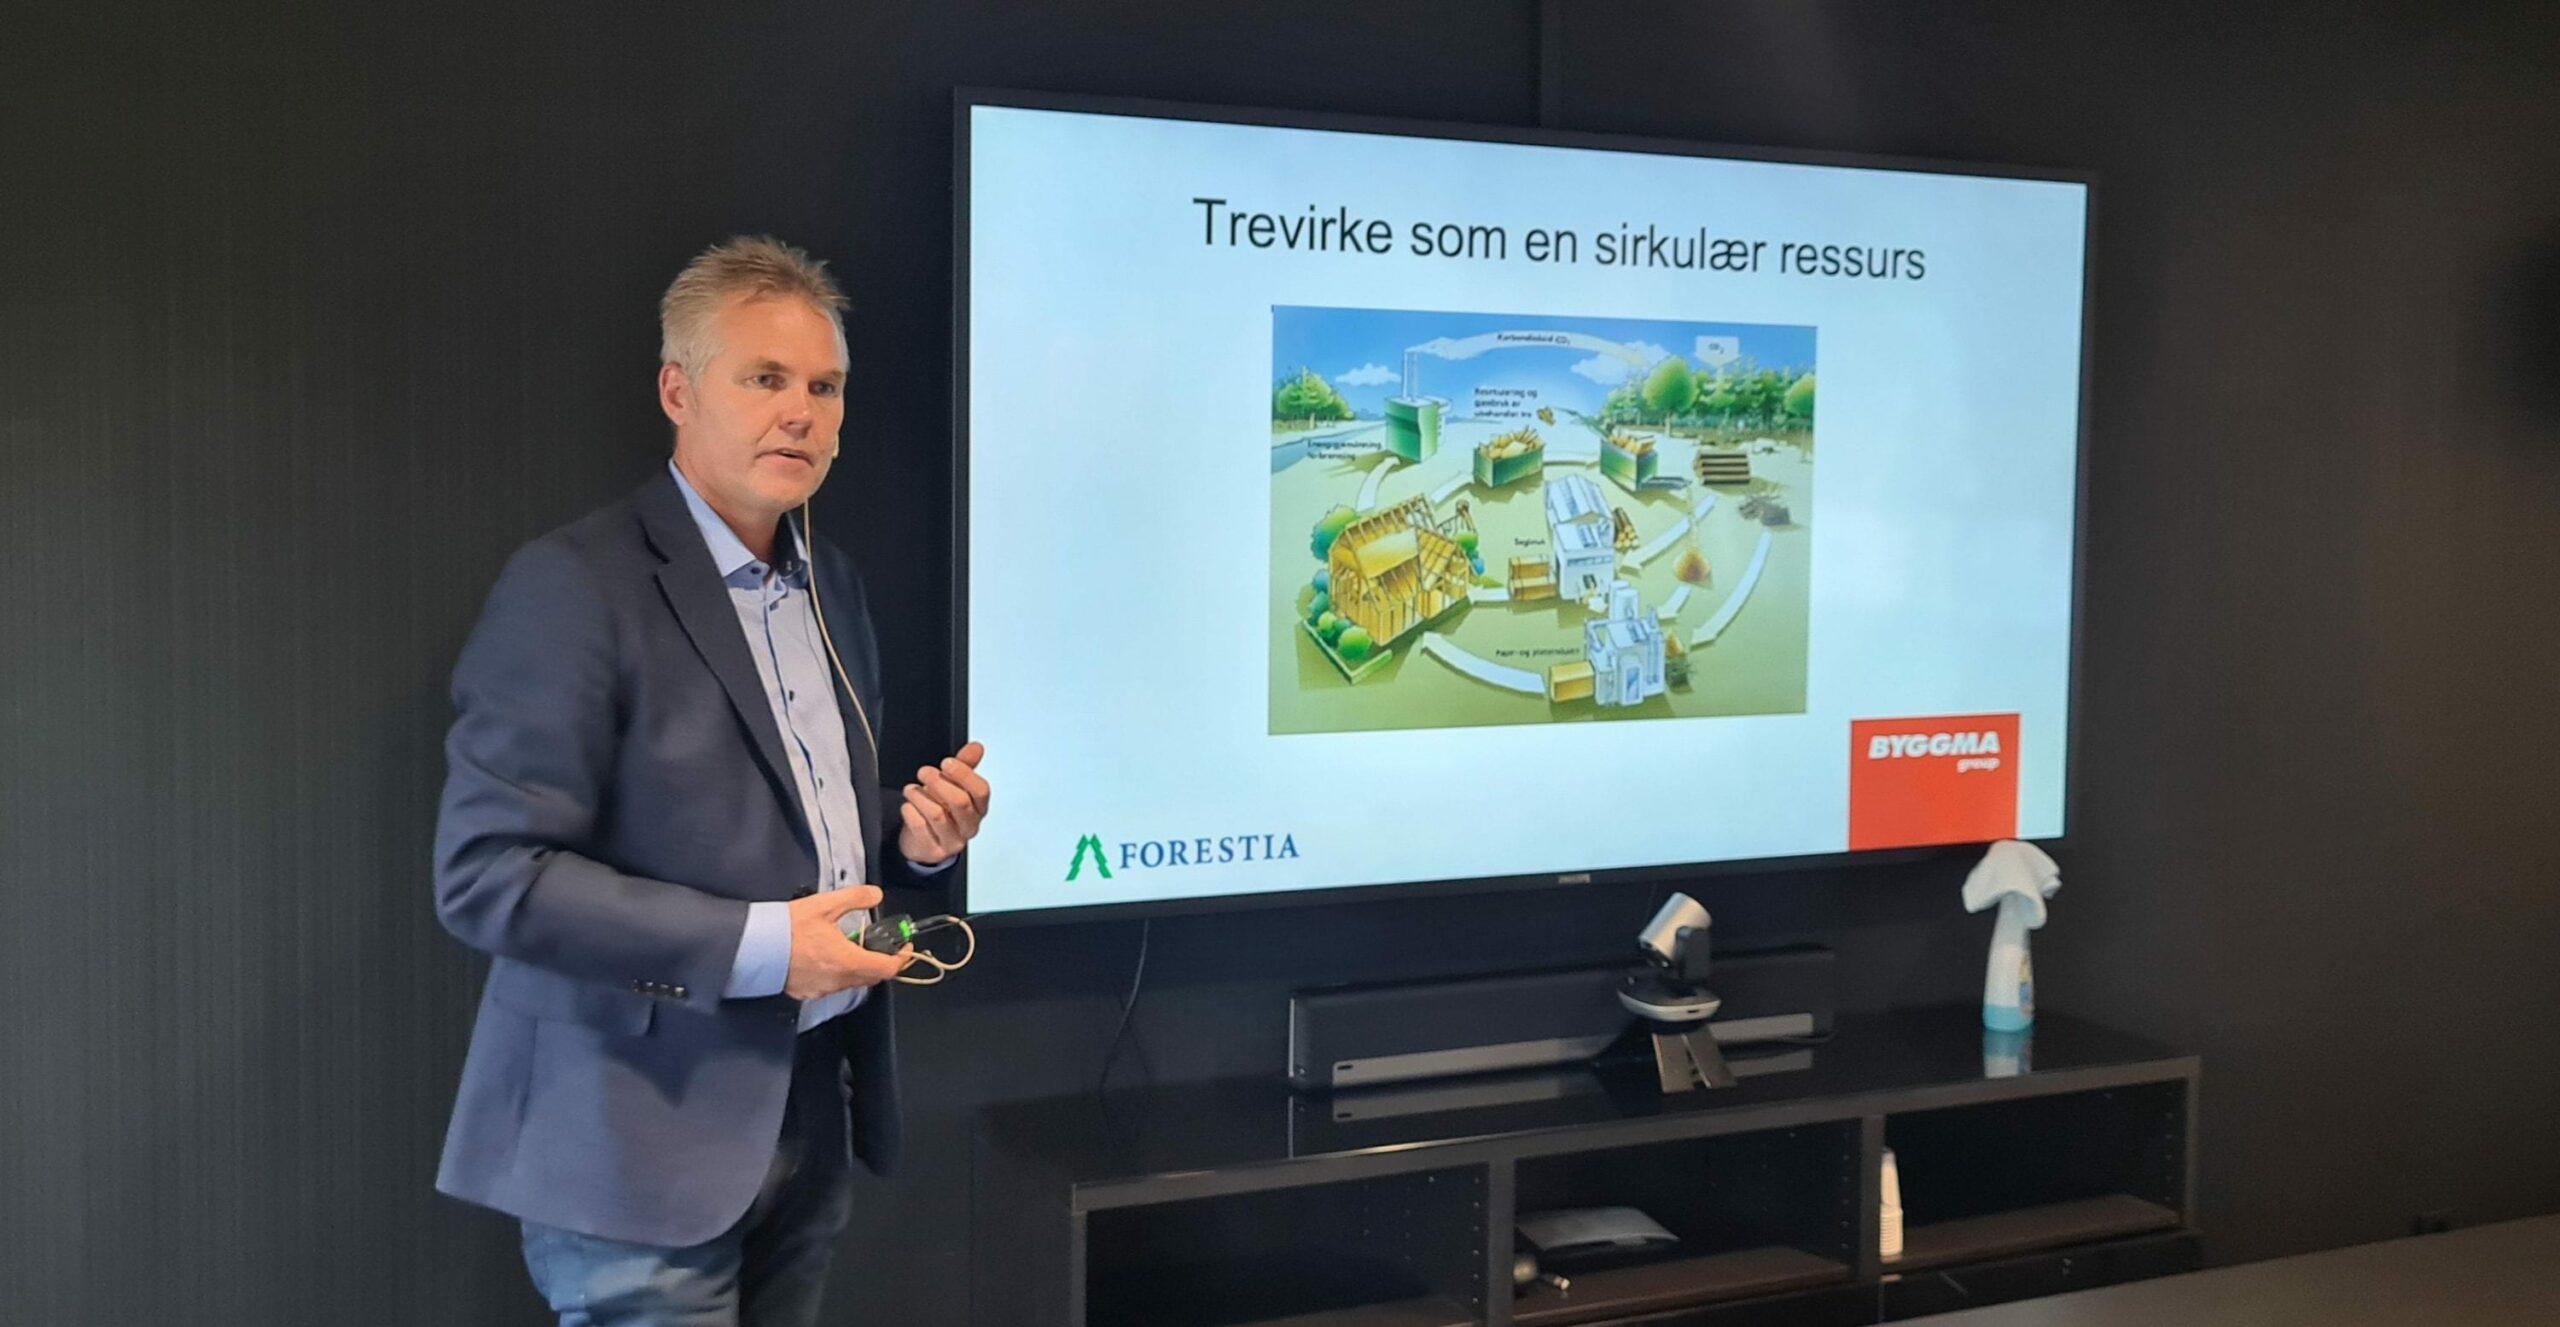 TRENGER STØTTE: Utbyggingen på Braskereidfoss vil ikke være lønnsomt isolert for Forestia, men for samfunnet totalt vil det bidra svært positivt. Administrerende direktør Terje Sagbakken etterlyser bedre støtteordninger rettet mot industrien for å få til det grønne skiftet.